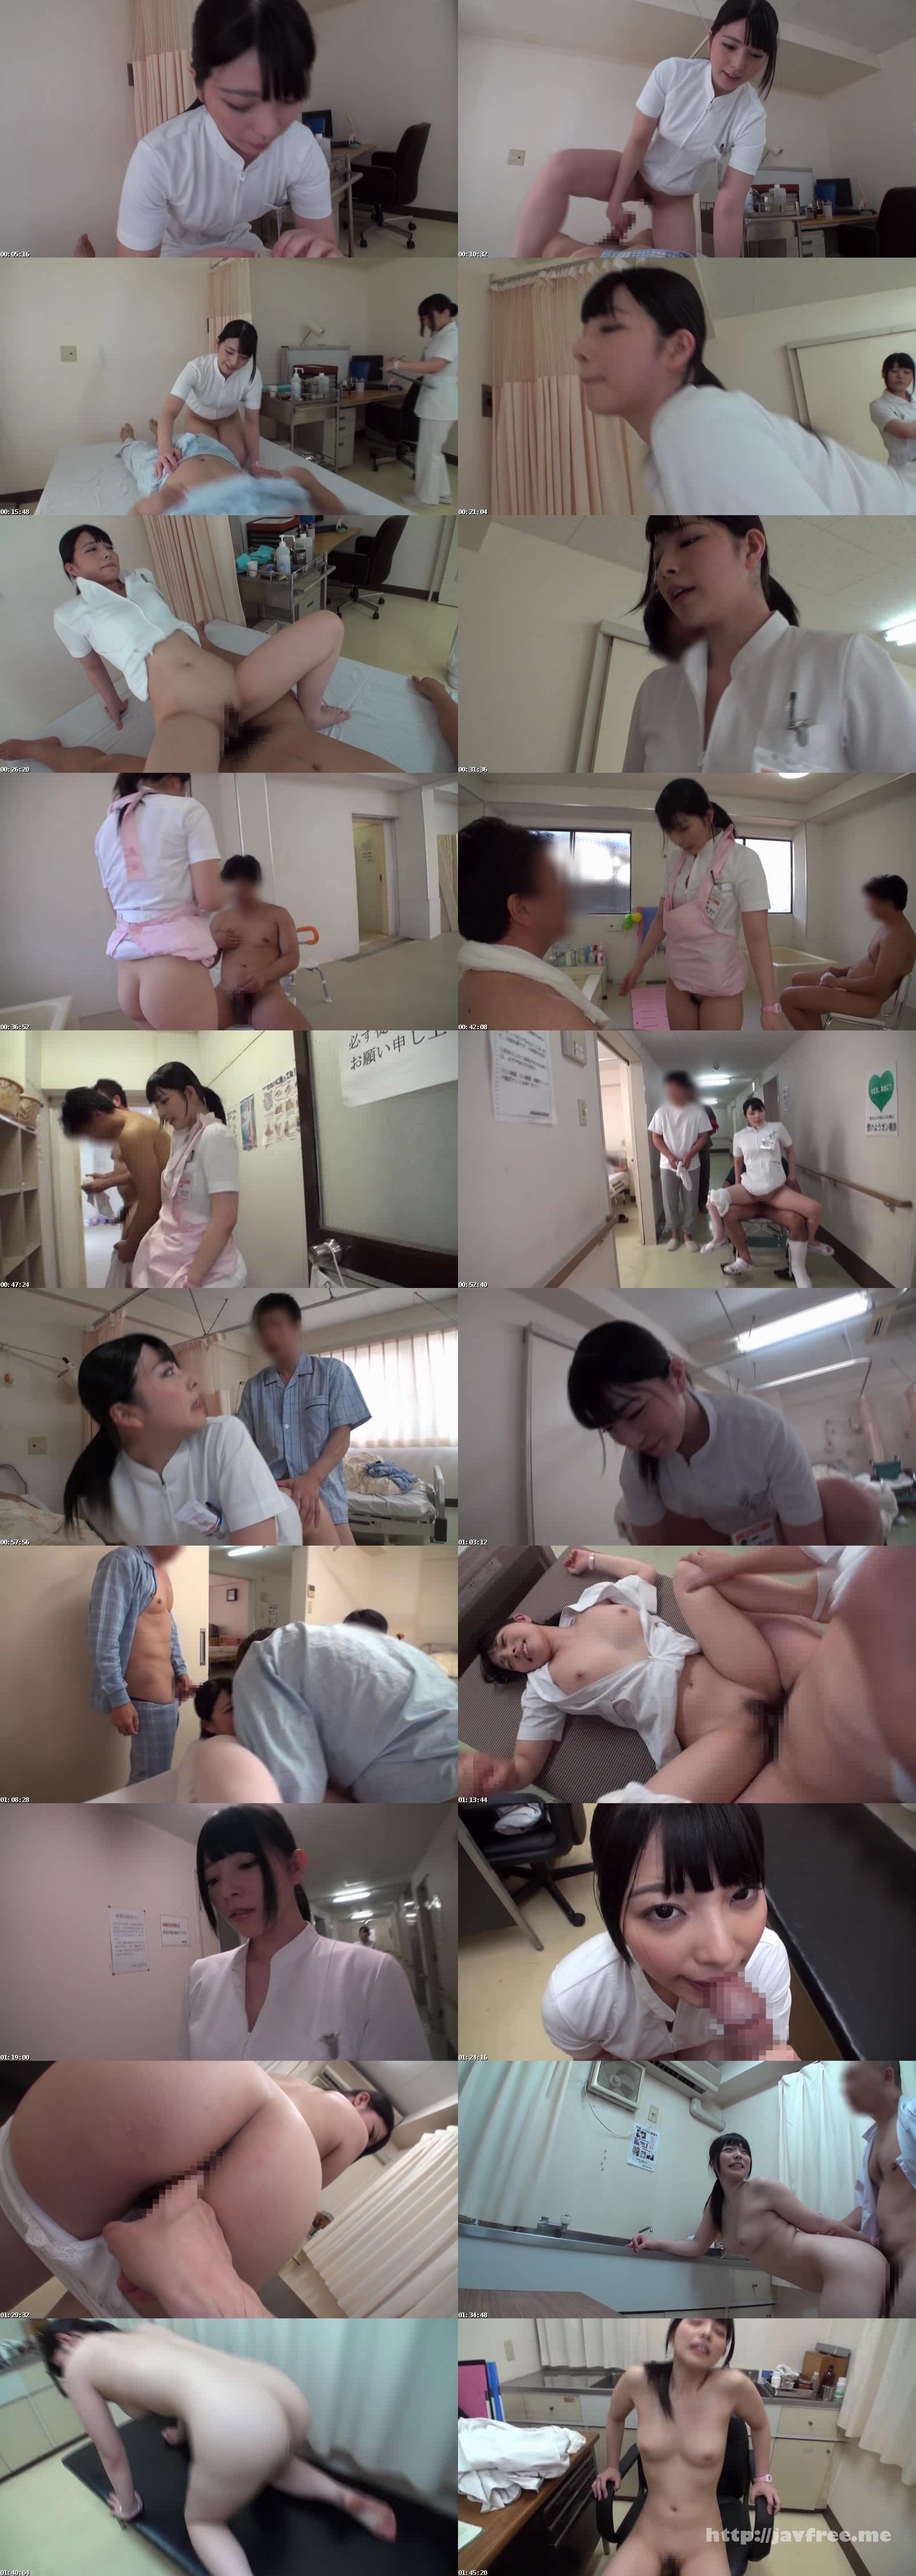 [SDDE 377] 10人連続真正中出しで患者の性処理を行う新人看護師 上原亜衣 上原亜衣 SDDE